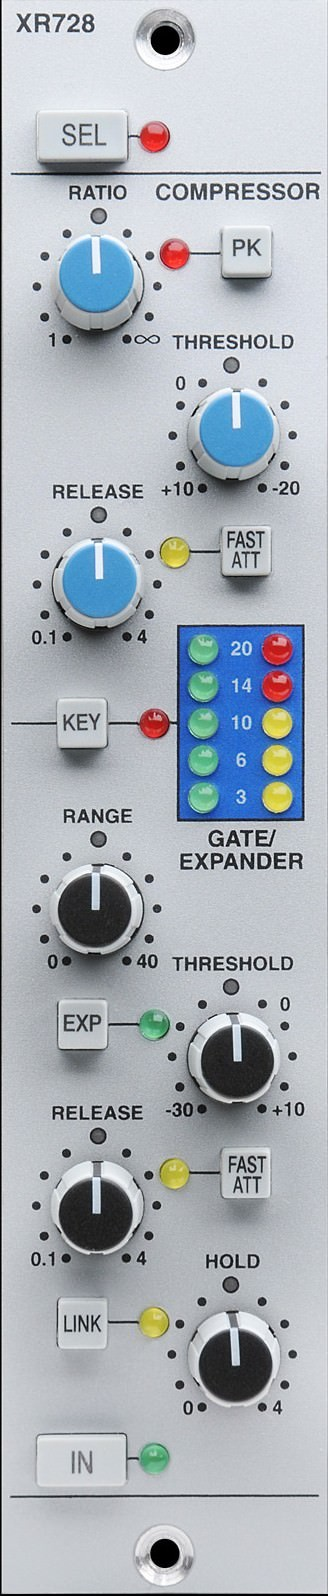 SSL XR728 Stereo Kompressor